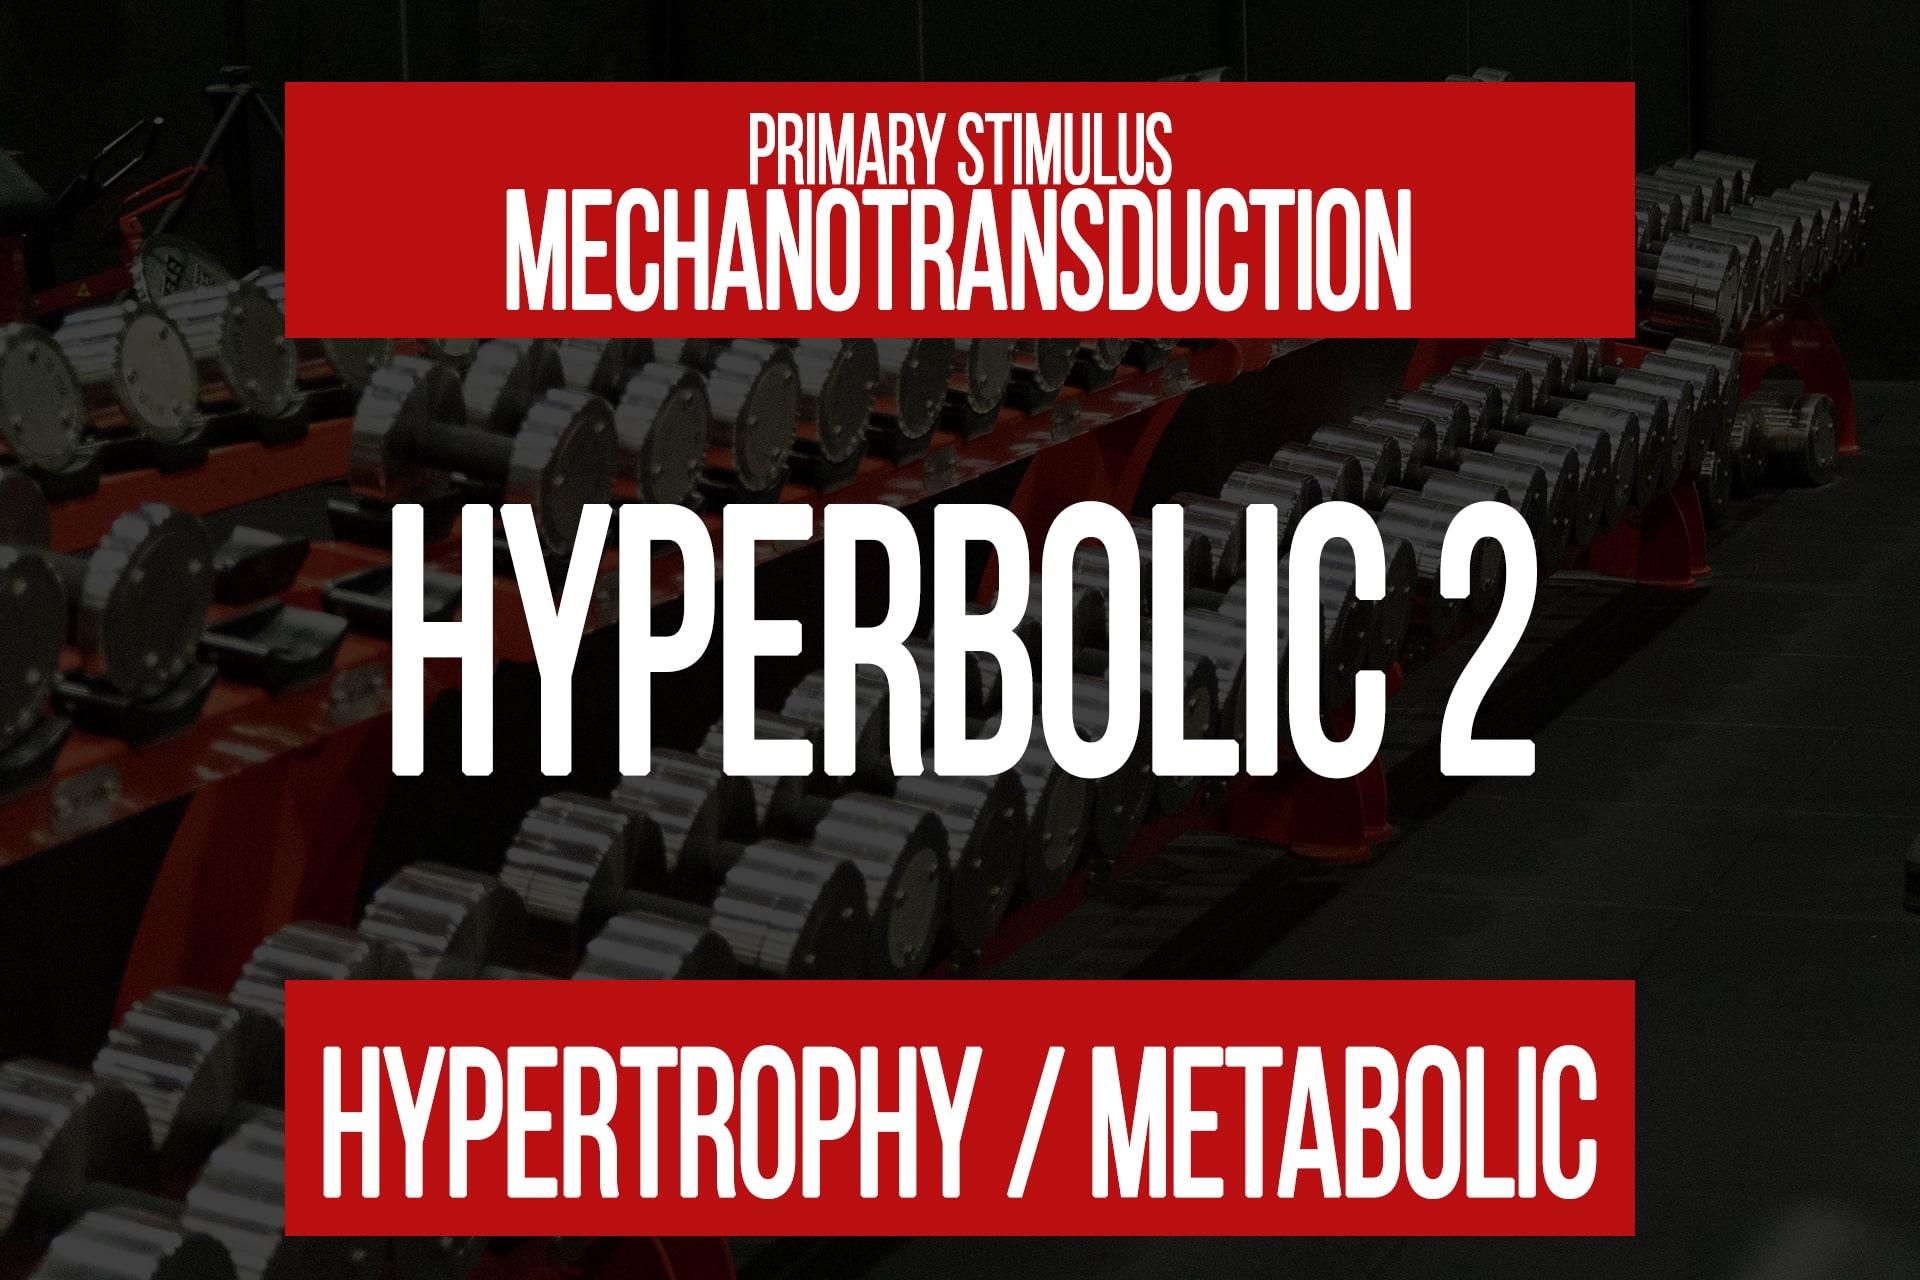 Hyperbolic 2